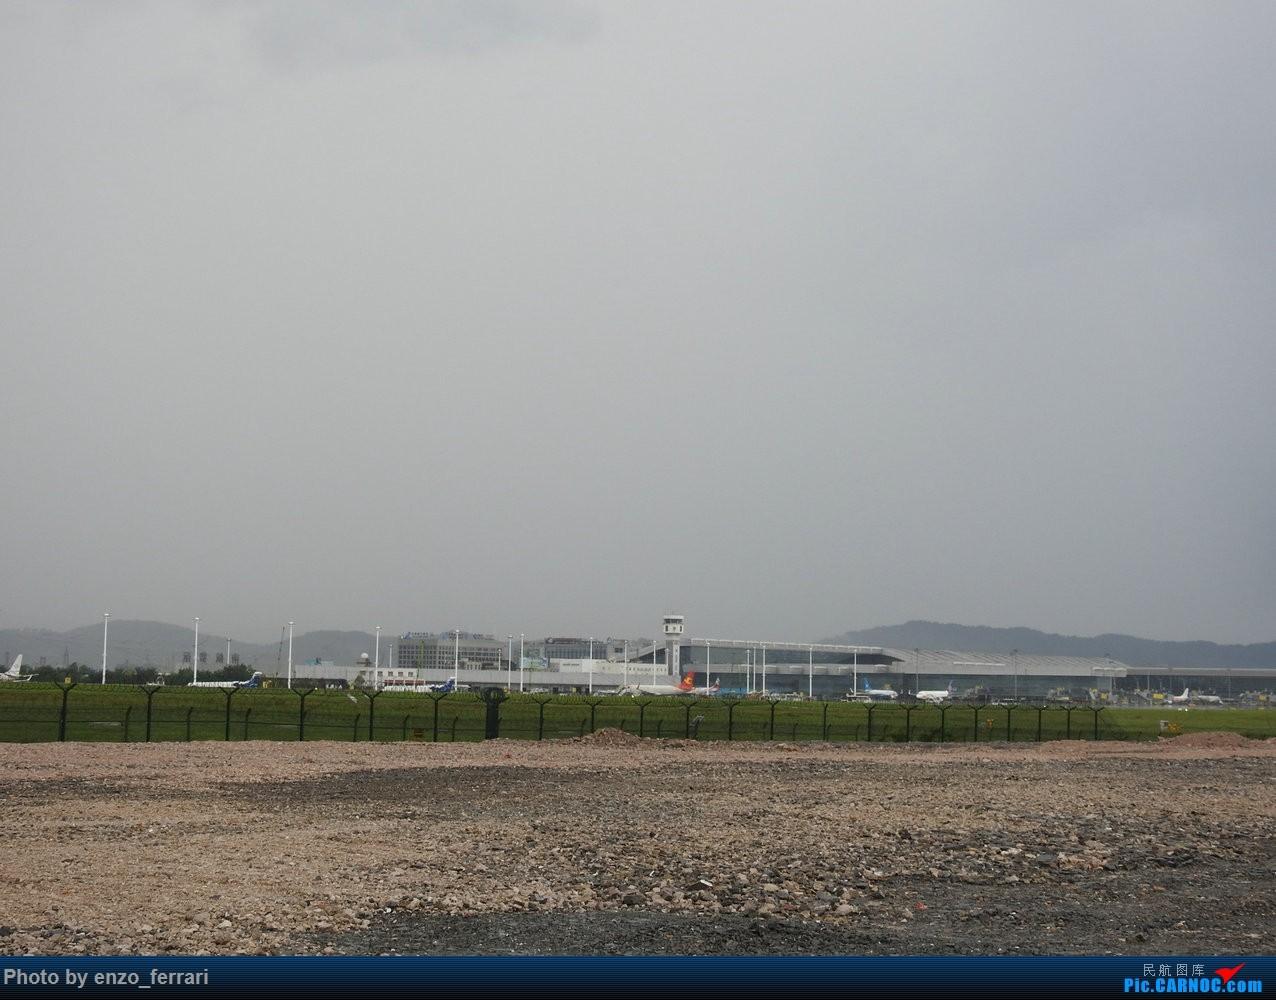 [原创]【KWE】贵阳龙洞堡机场雨天拍飞机    中国贵阳龙洞堡国际机场